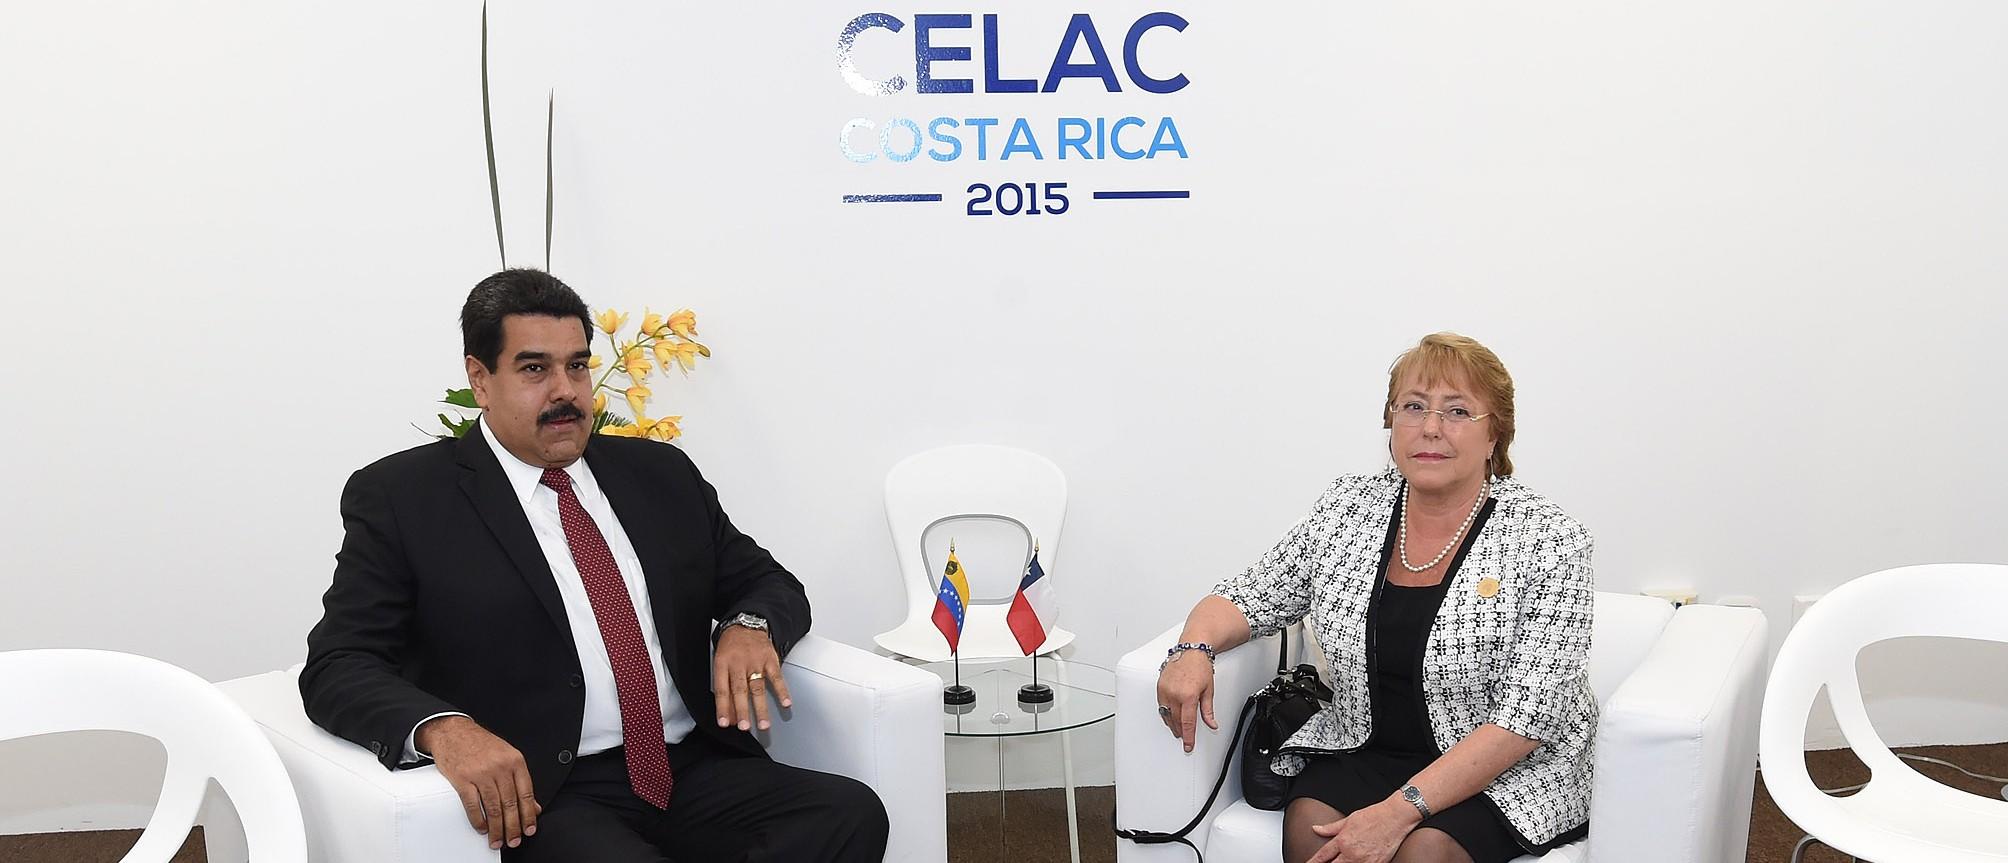 Bachelet y Maduro en la Celac 2015 | Foto Presidencia